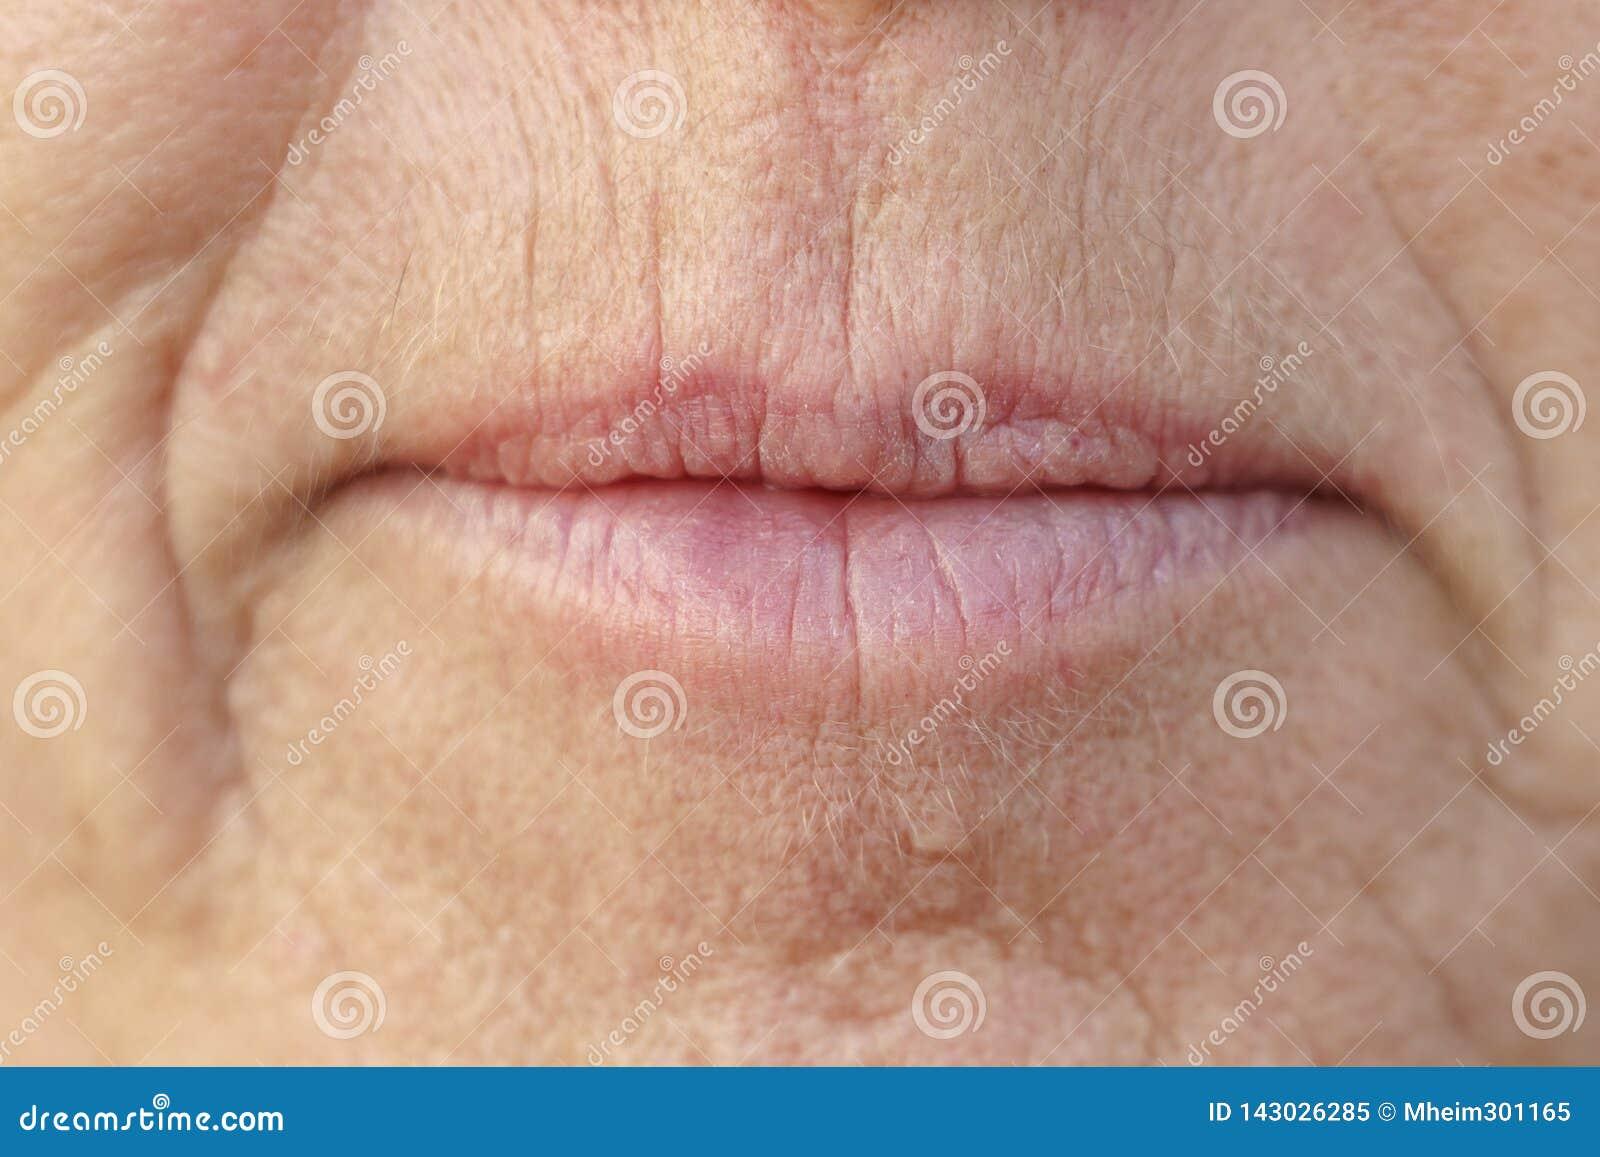 Extrem Closeup på munnen av en medelålders kvinna